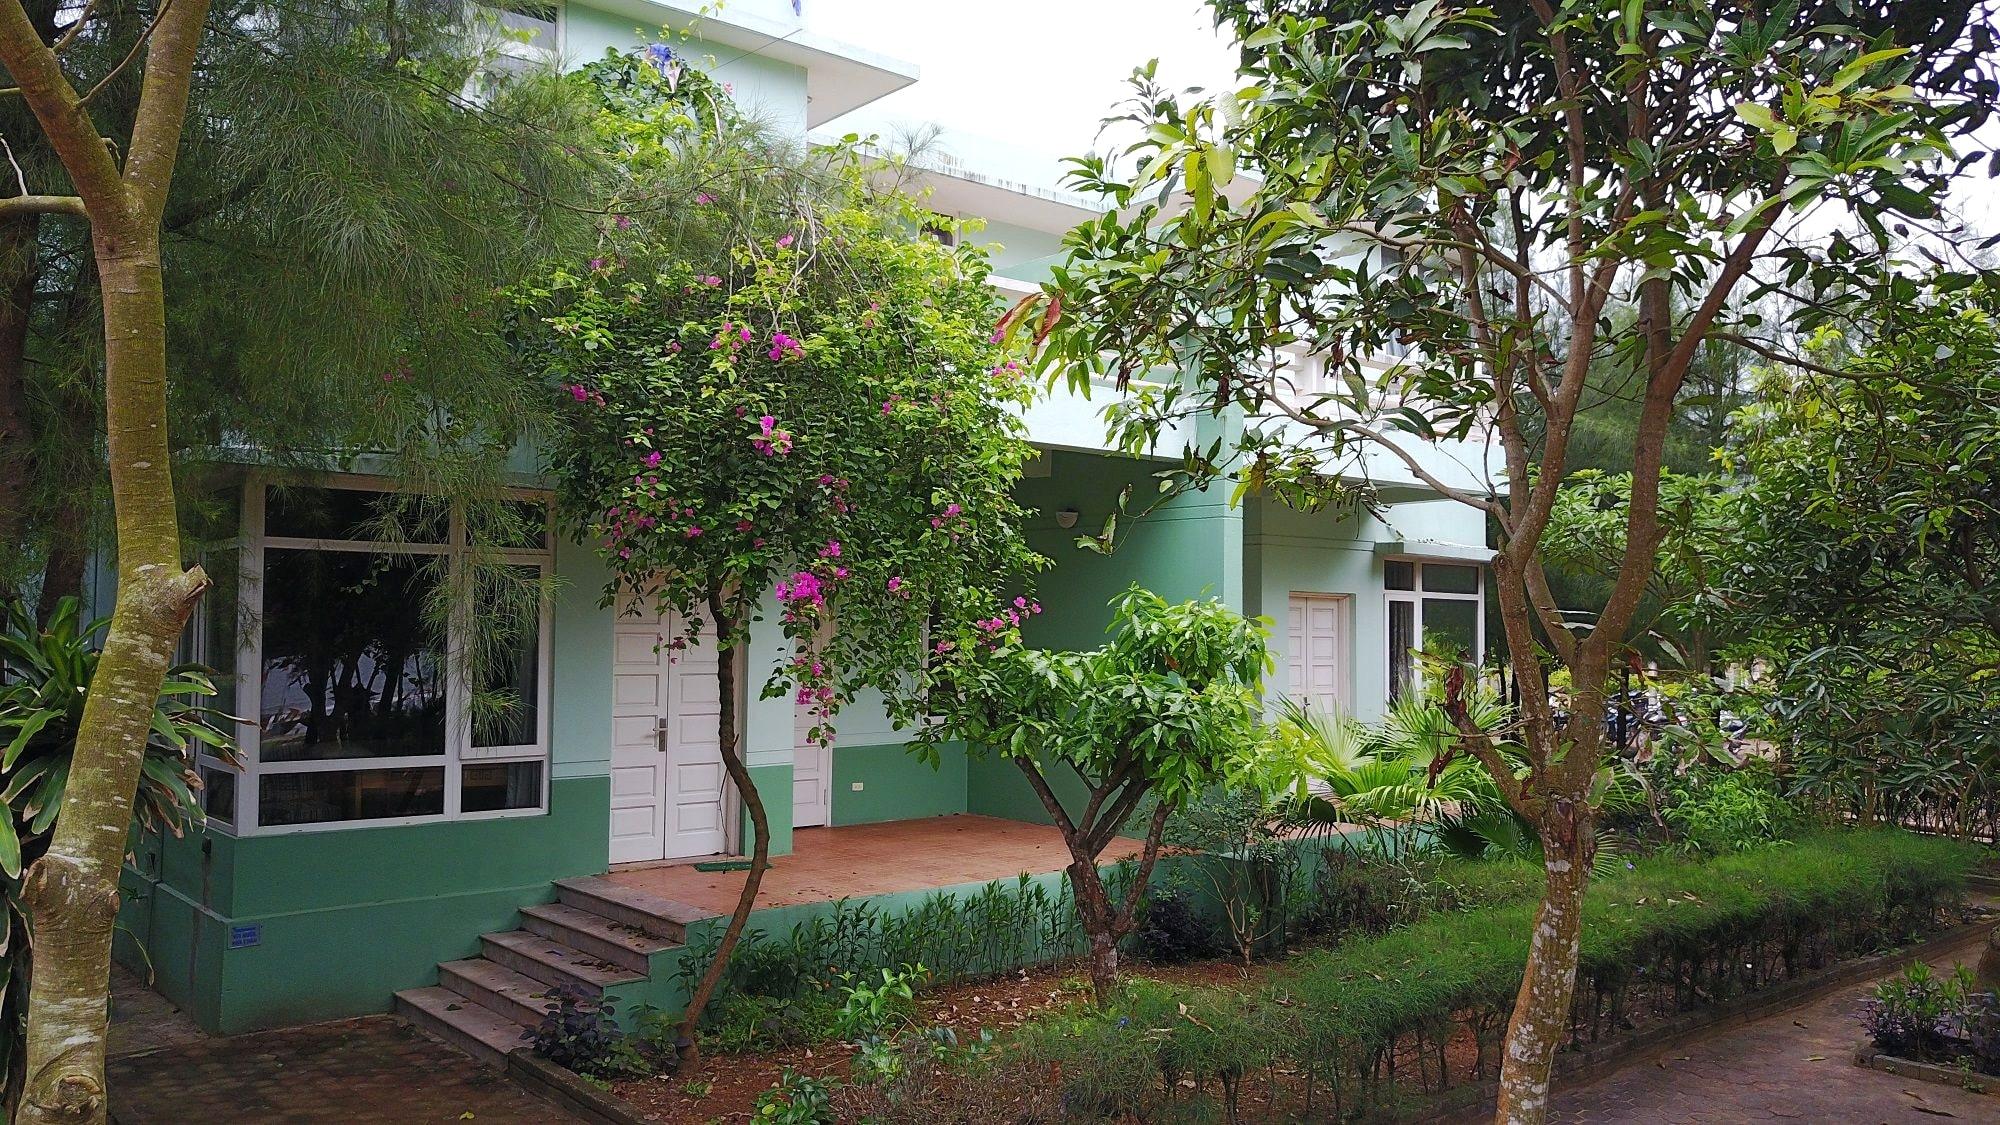 10 Khách sạn biển Hải Tiến giá rẻ đẹp đáng lưu nhất ở Thanh Hóa